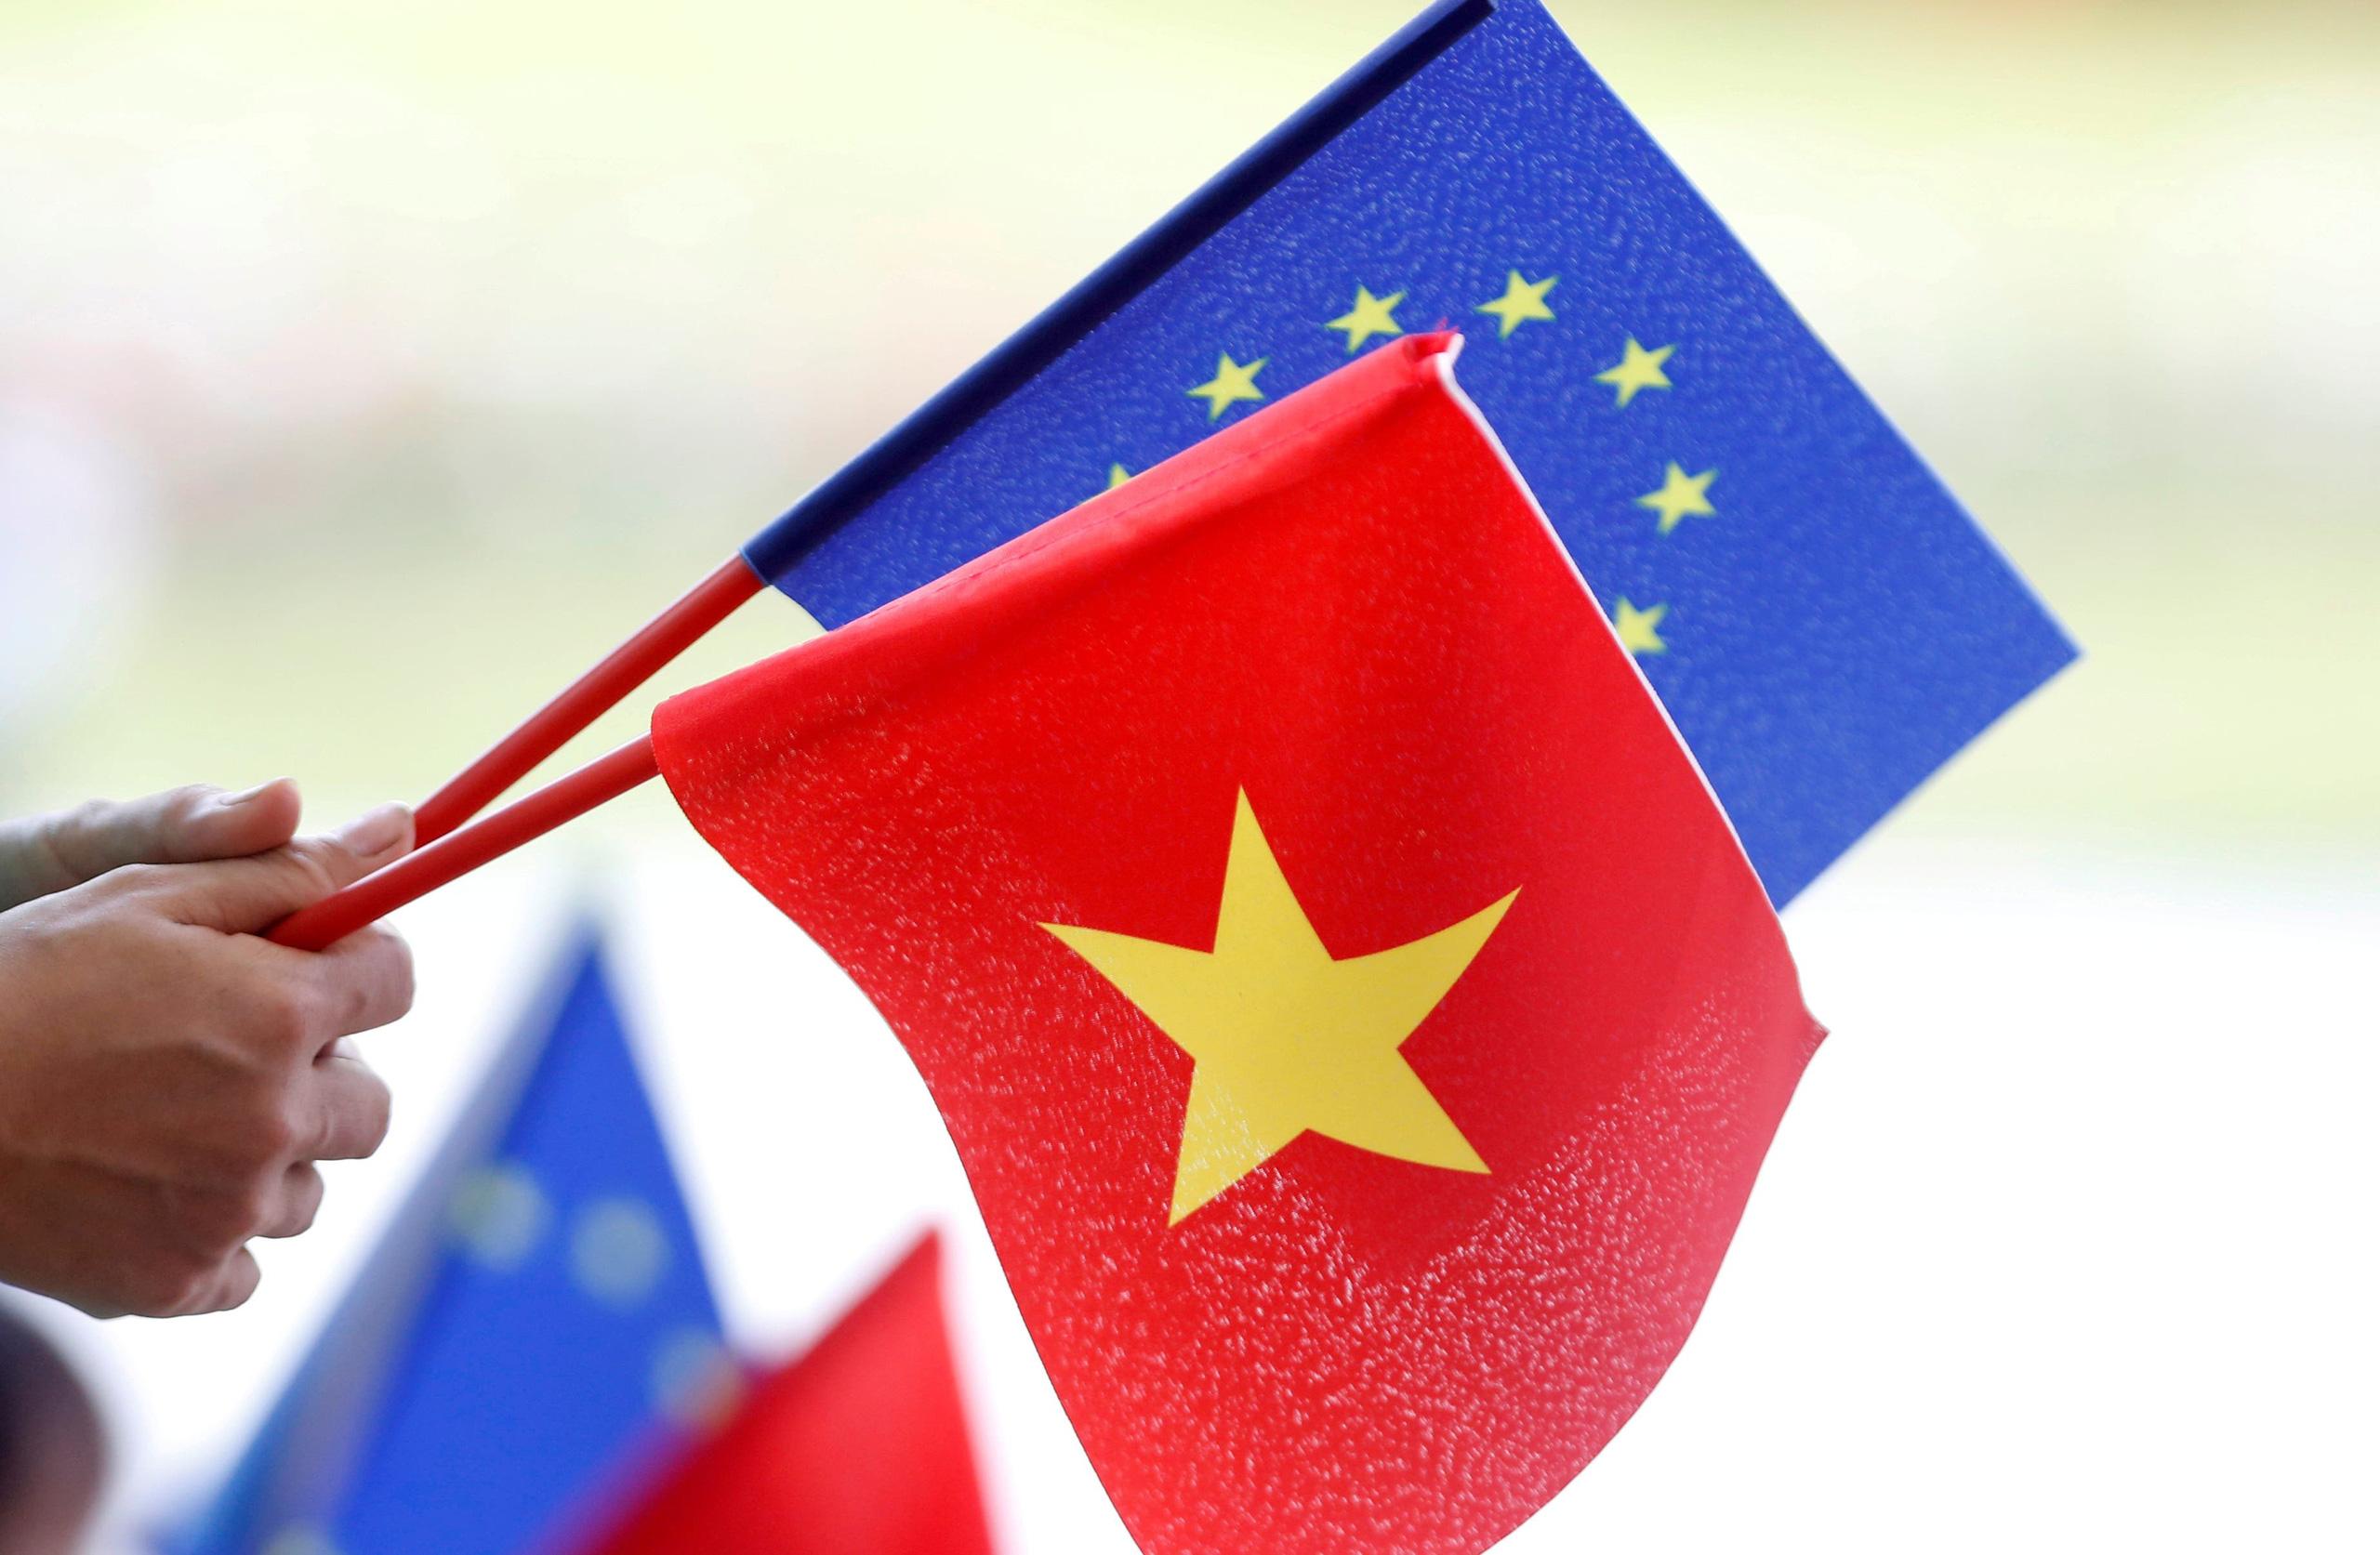 Hướng dẫn cập nhật của EU về quy tắc xuất xứ trong EVFTA - Ảnh 1.